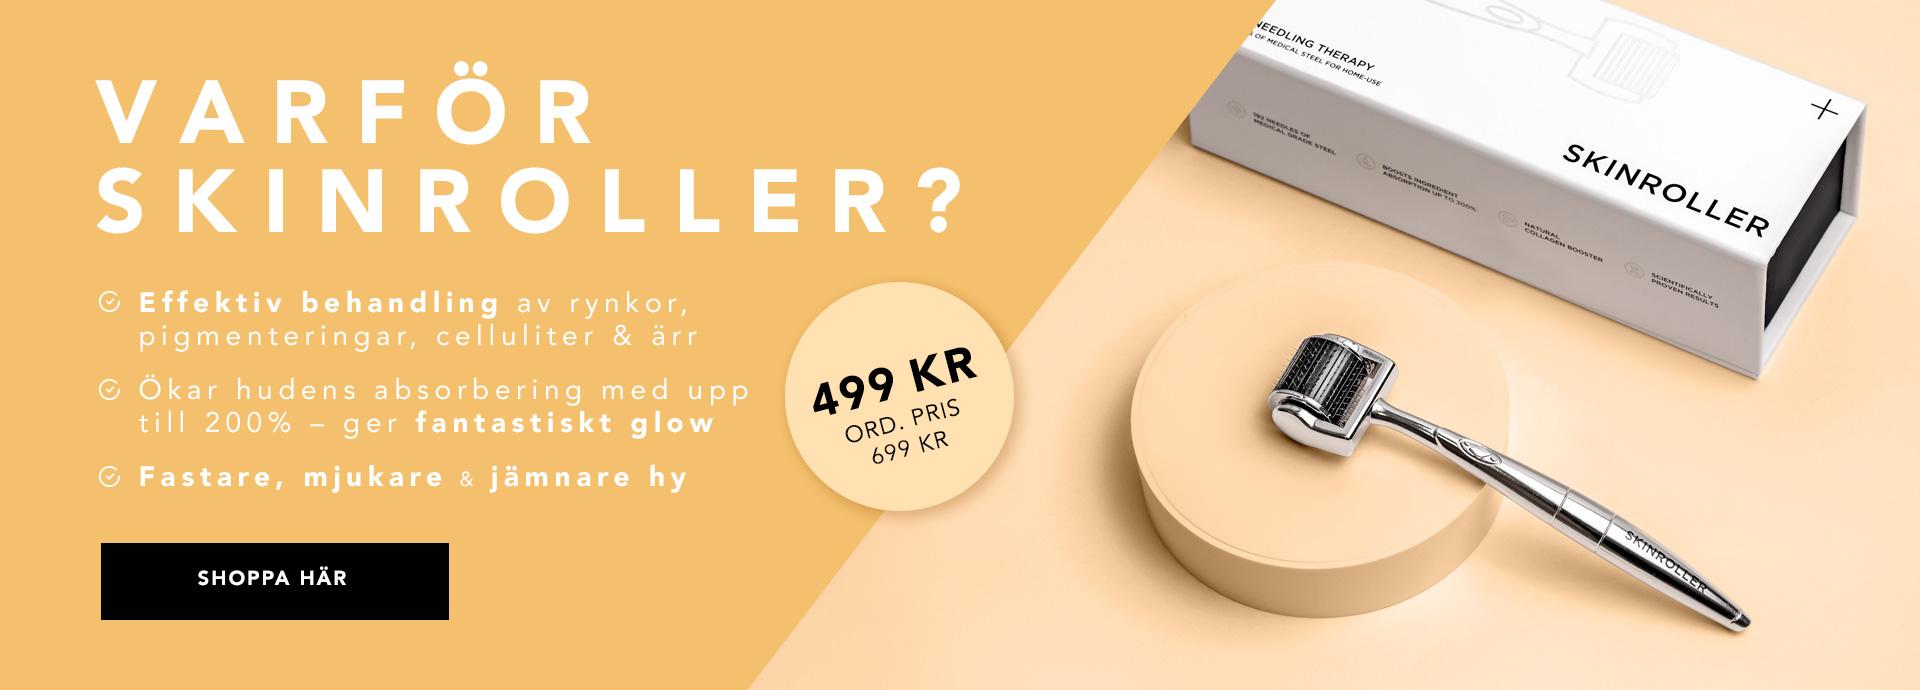 https://www.skinroller.se/image/5786/startsida-hero-silver-DESKTOP-kopiera.jpg